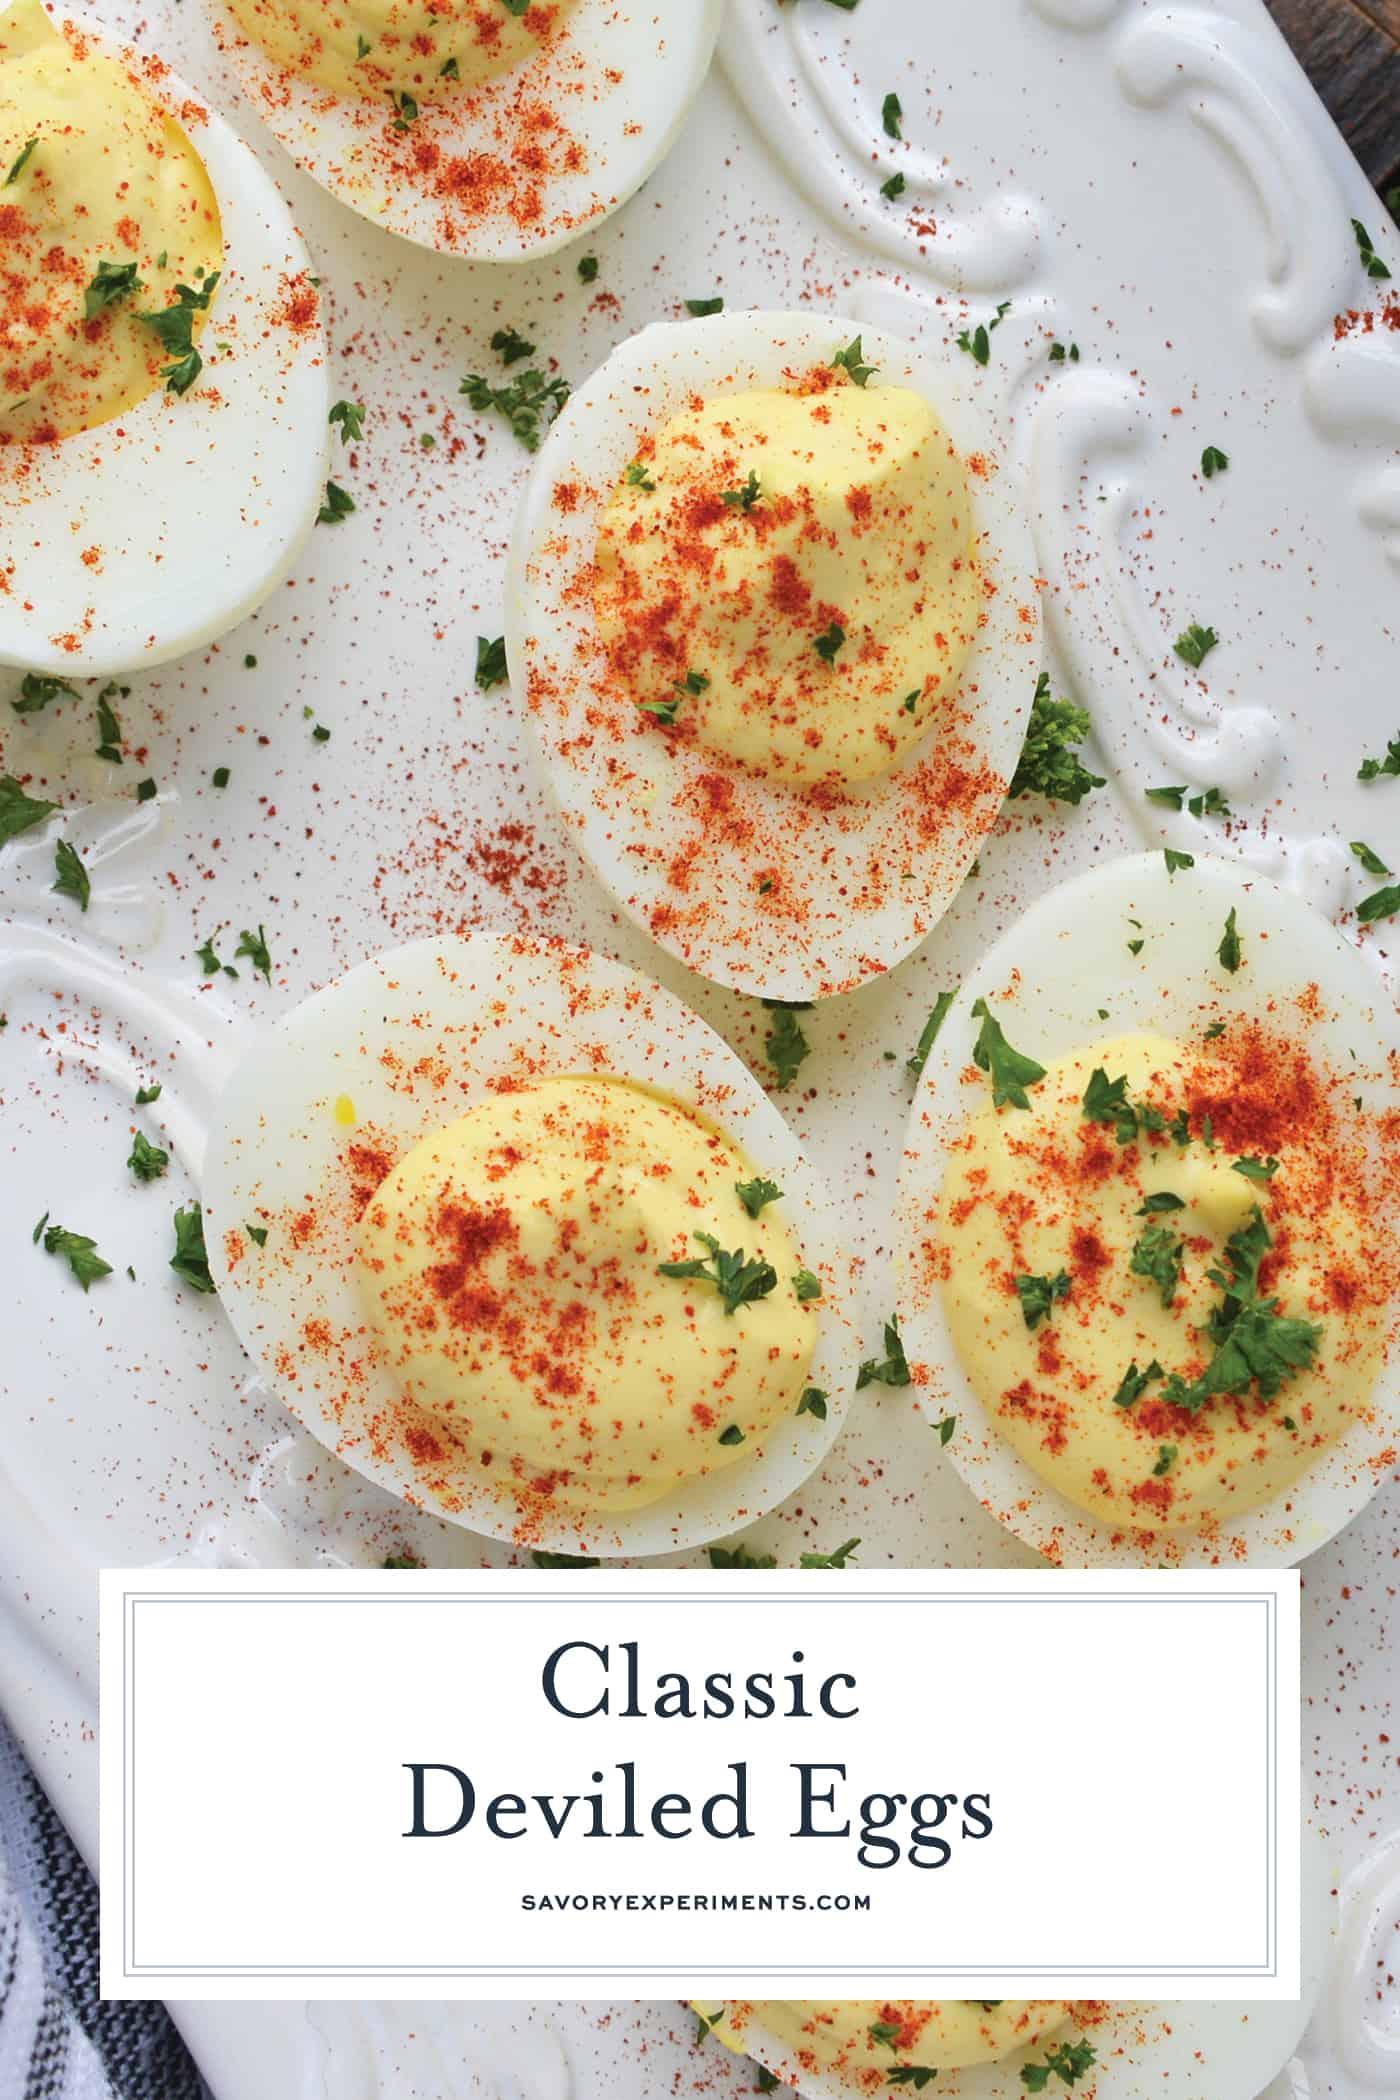 classic deviled eggs for pinterest